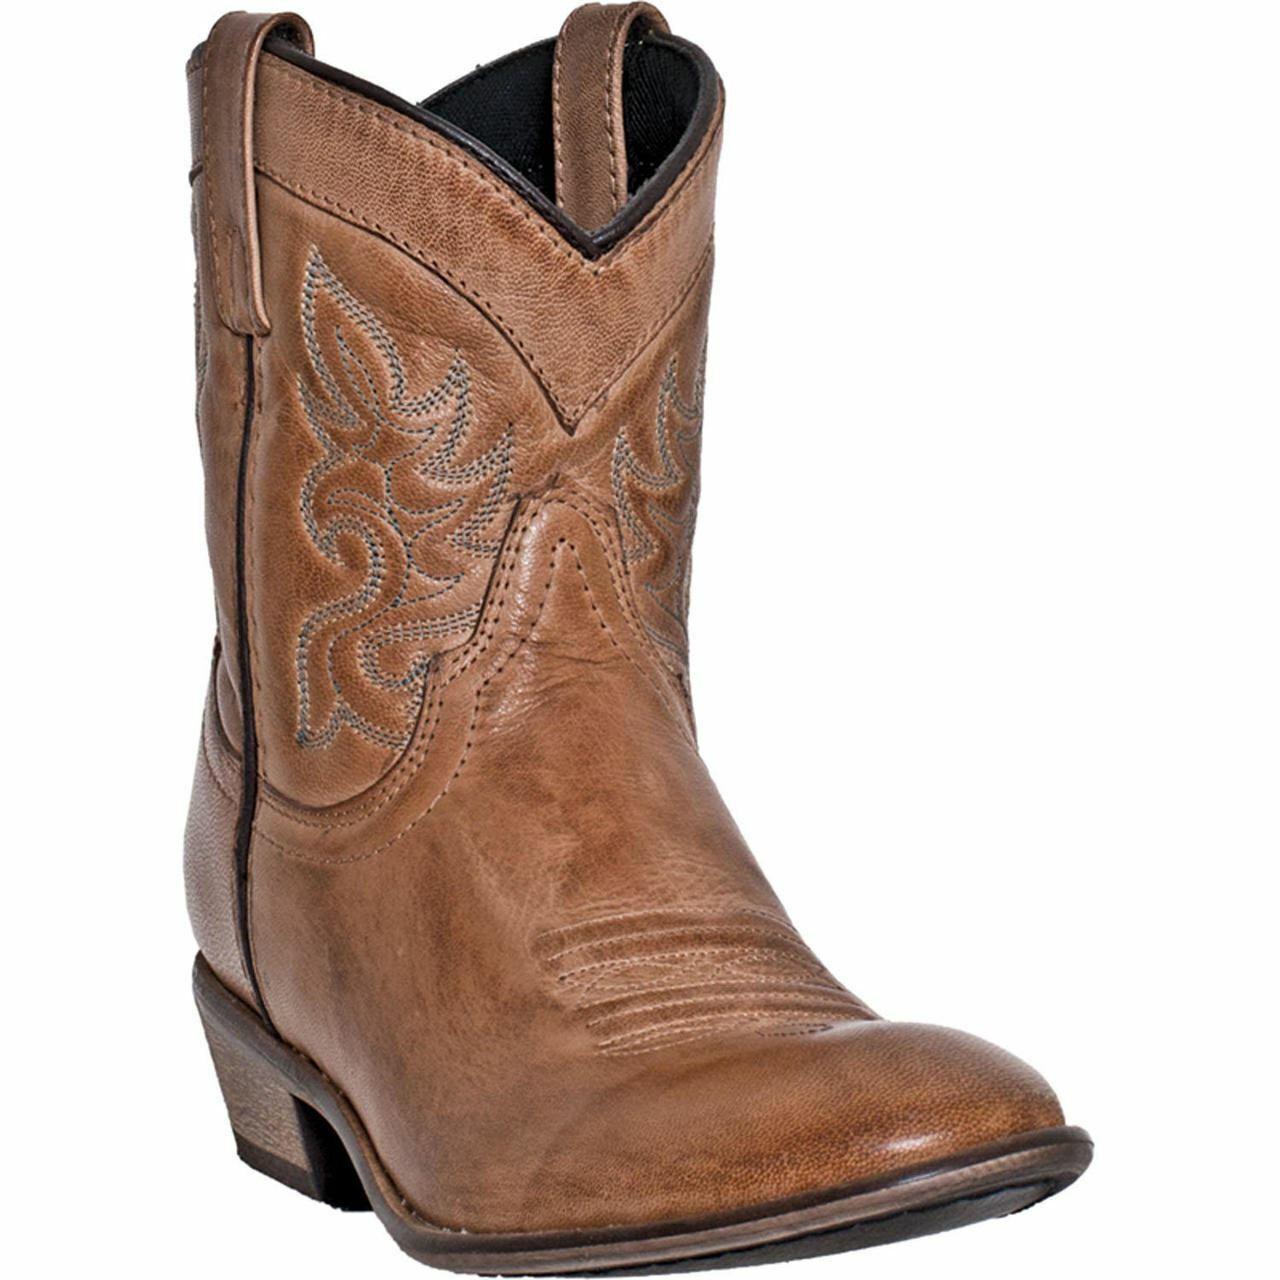 Dingo Women's Western Cowboy Leather Boots DI 862 Antique Tan